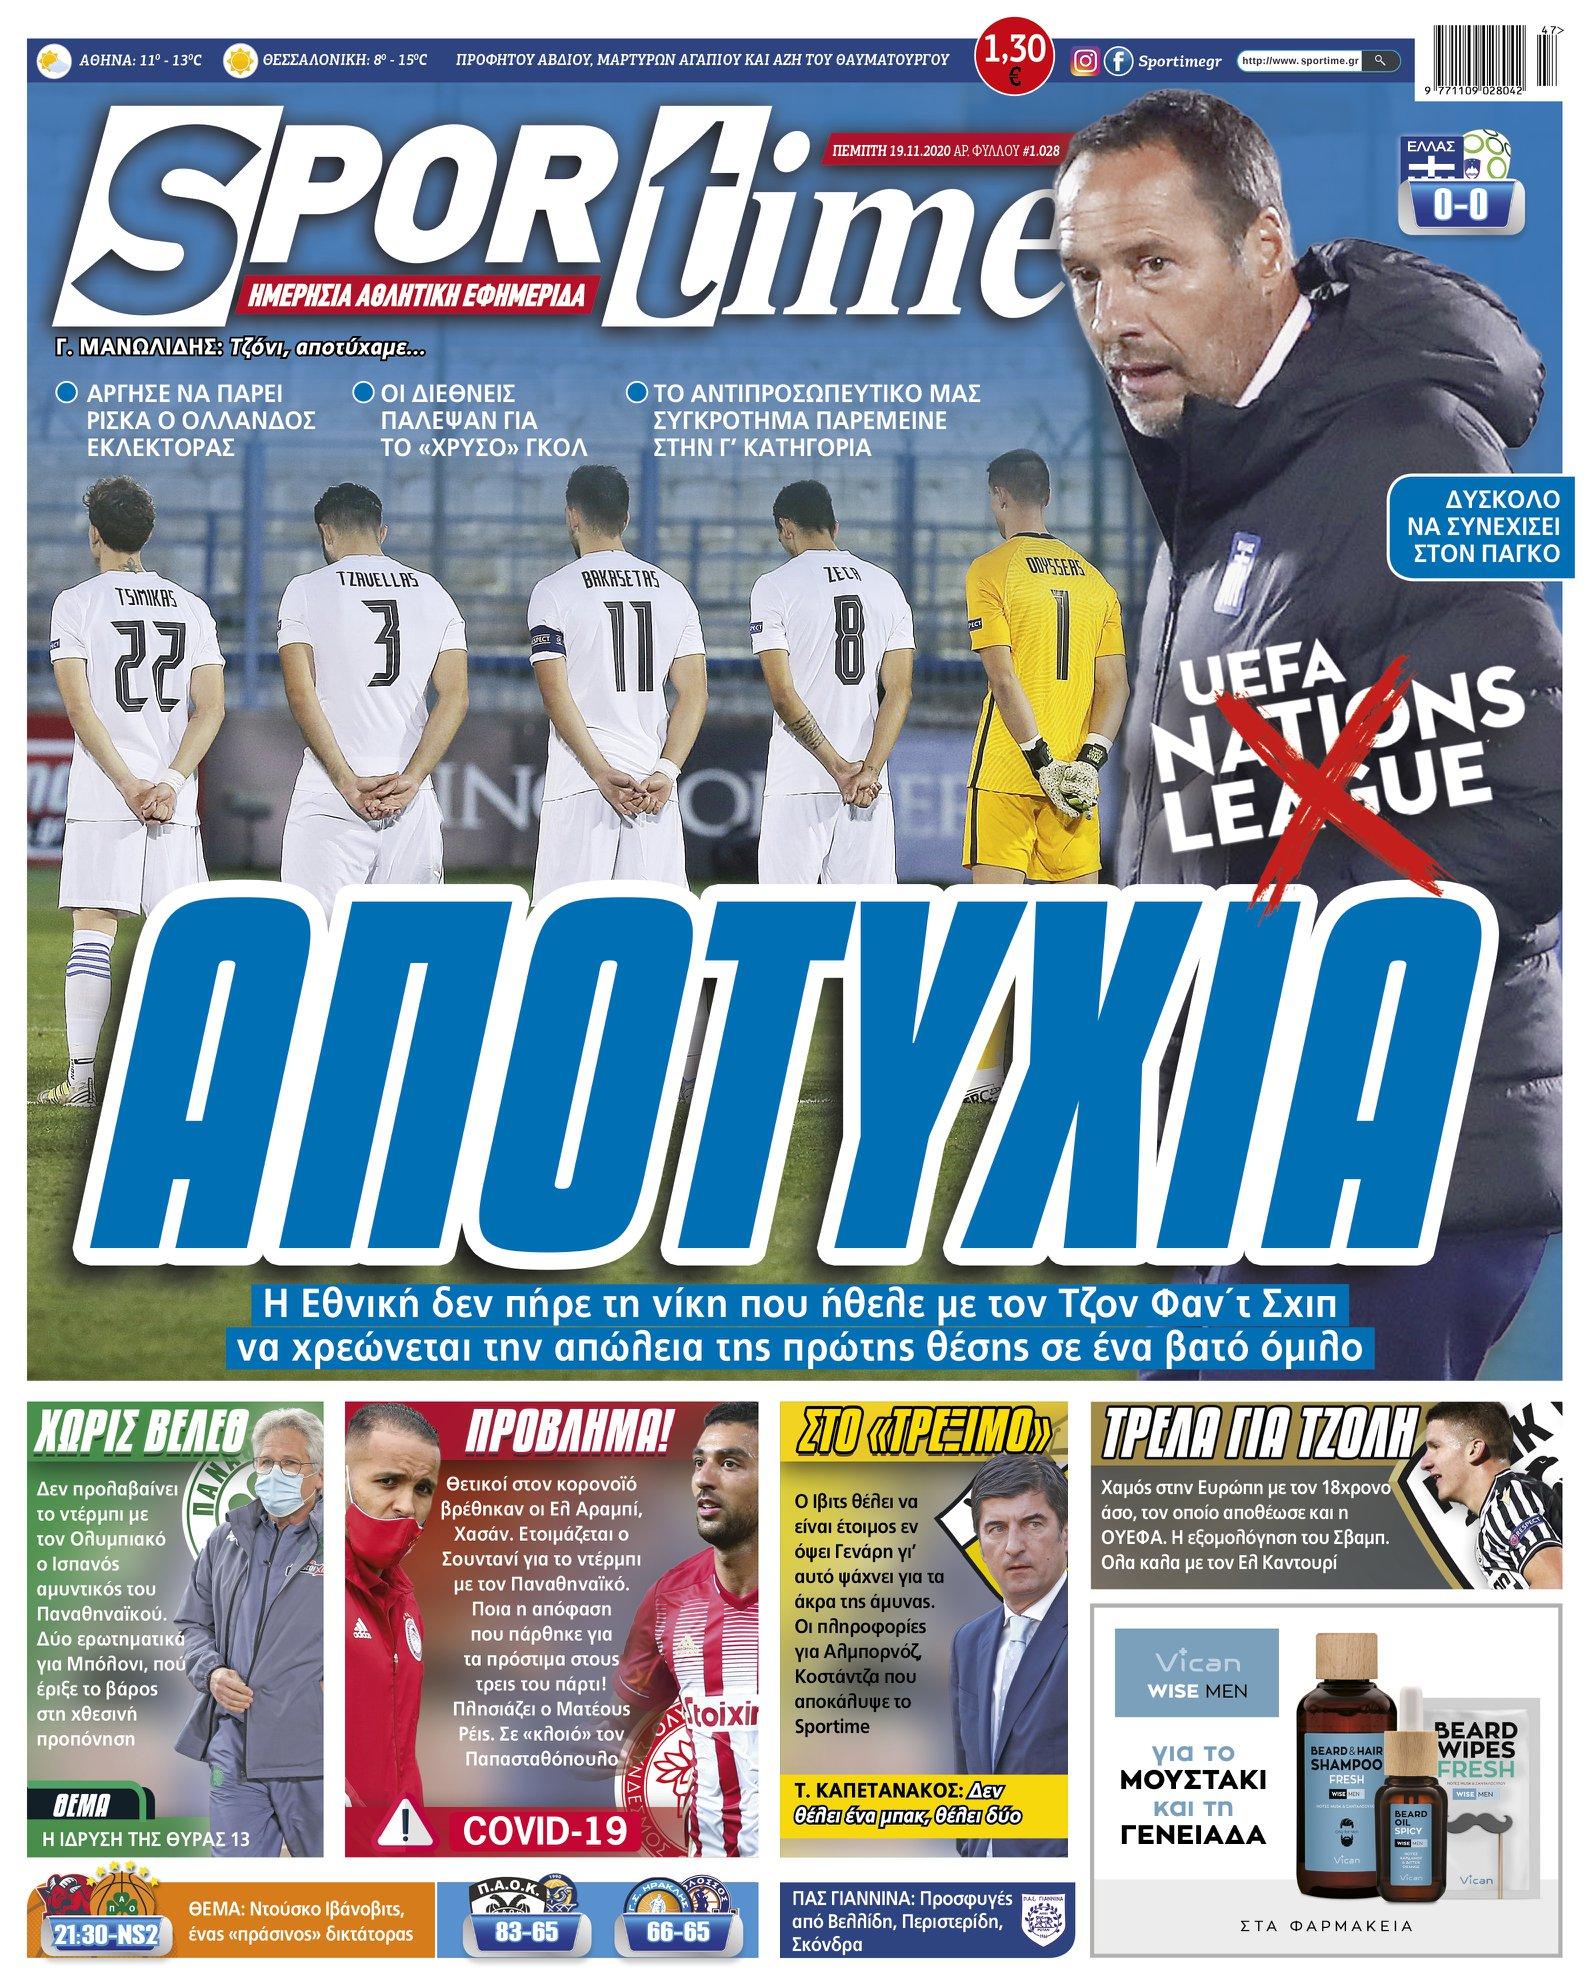 Εφημερίδα SPORTIME - Εξώφυλλο φύλλου 19/11/2020